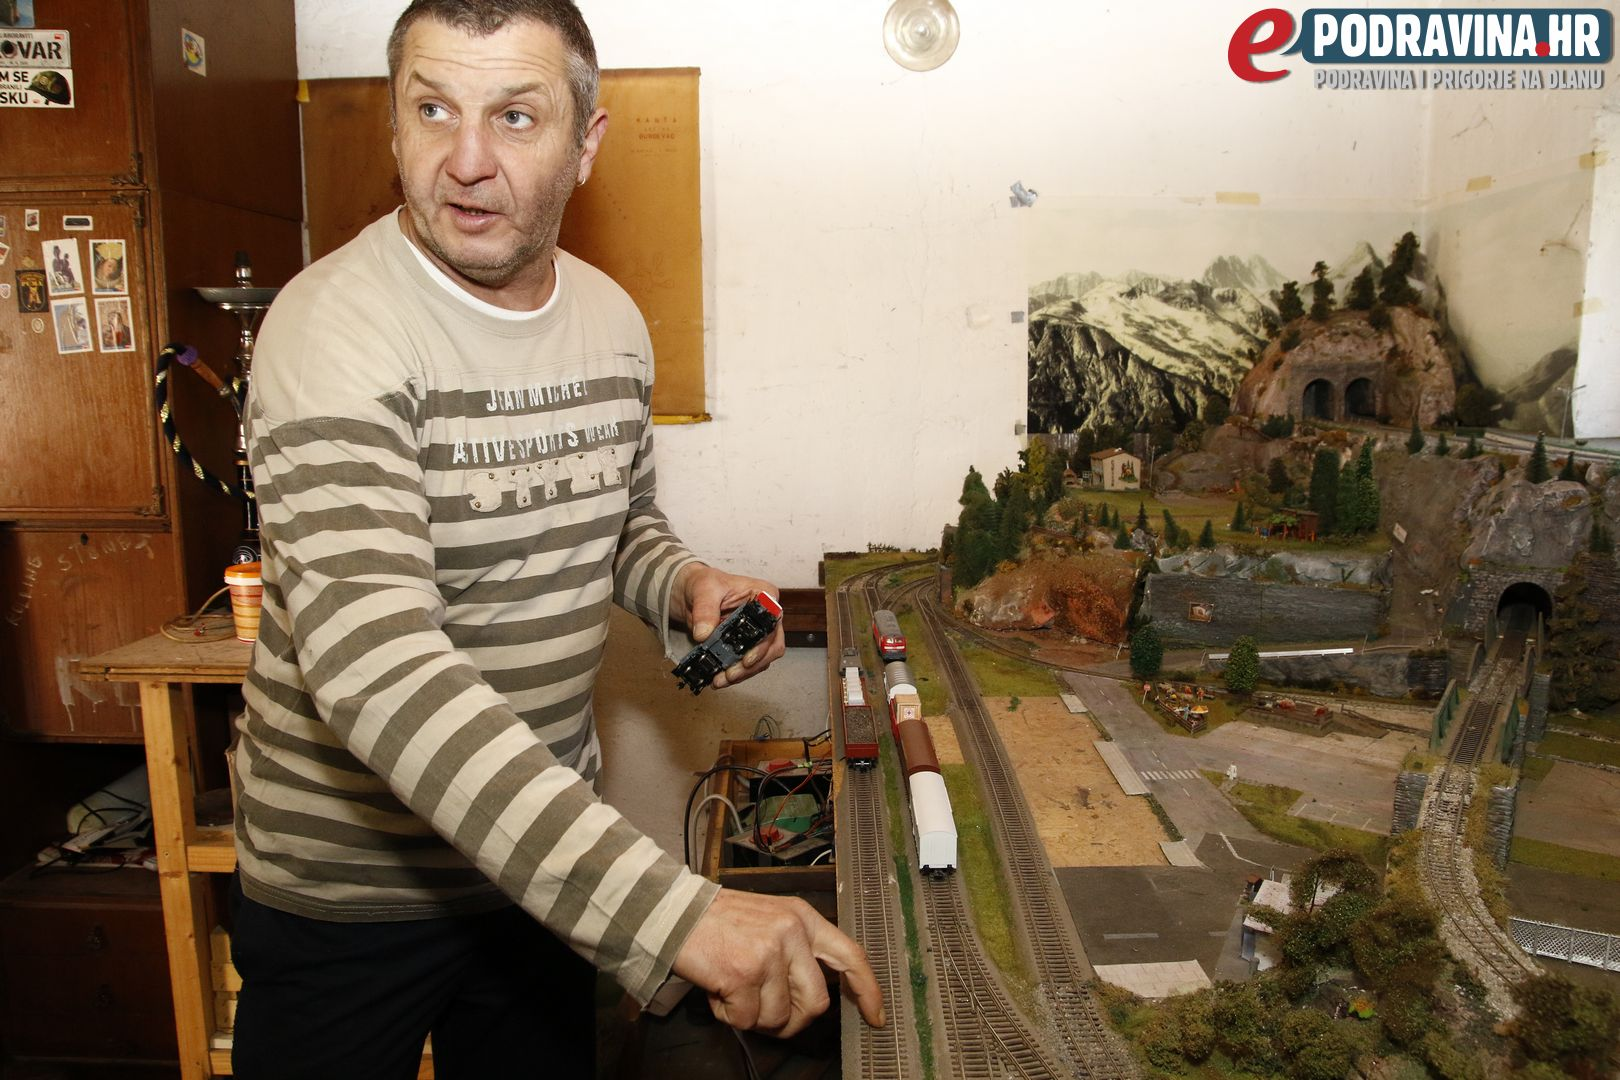 Hrvatski branitelj pronašao mir u carstvu minijaturnih vlakova 140320171_mg_17